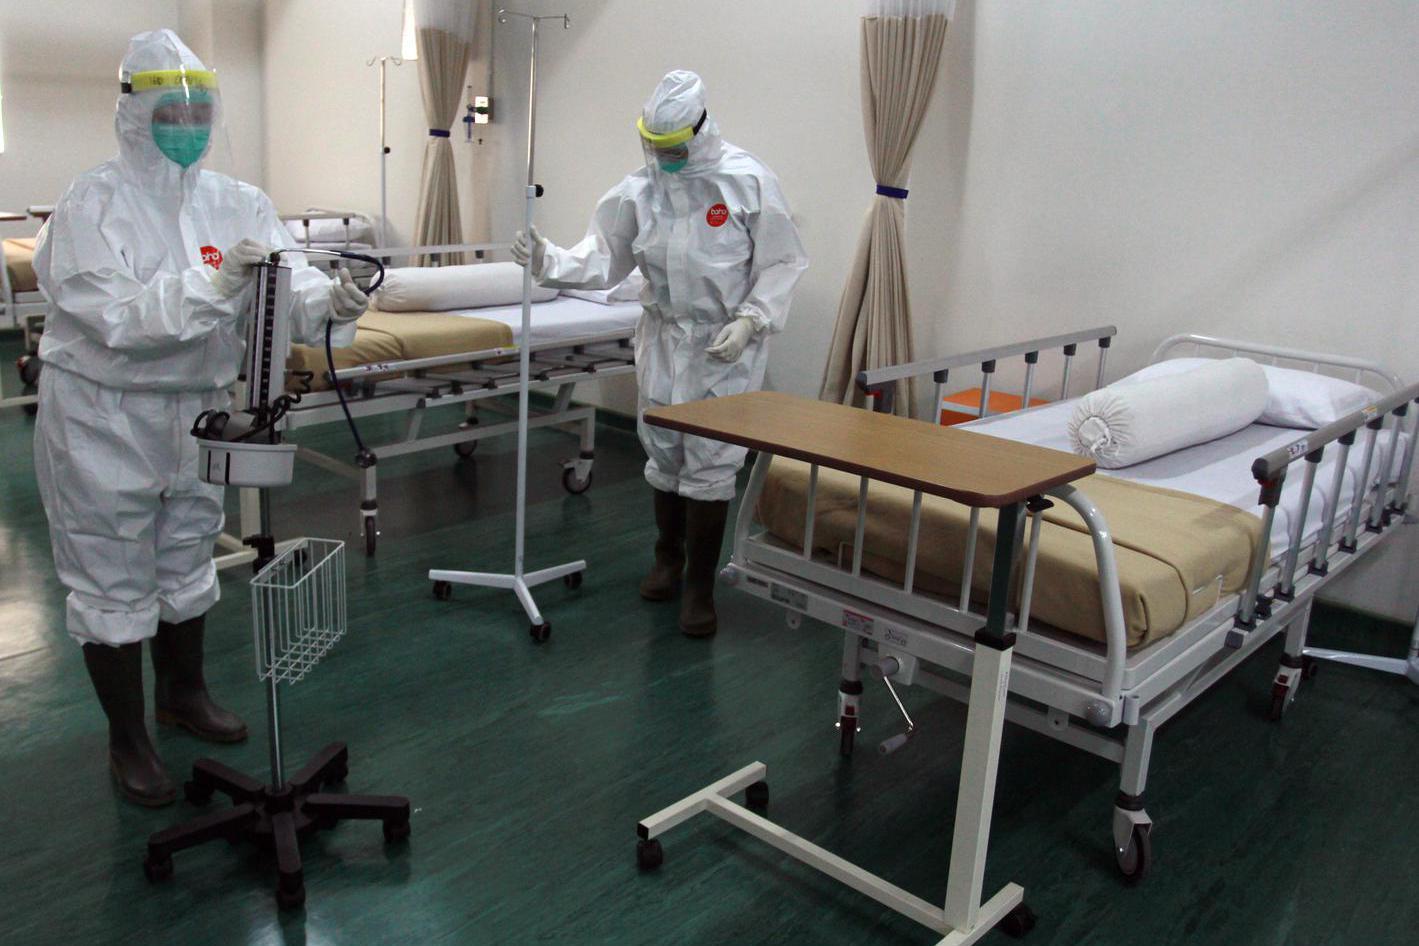 CIPUTRA HOSPITAL SIAPKAN RUANG PERAWATAN PASIEN COVID-19